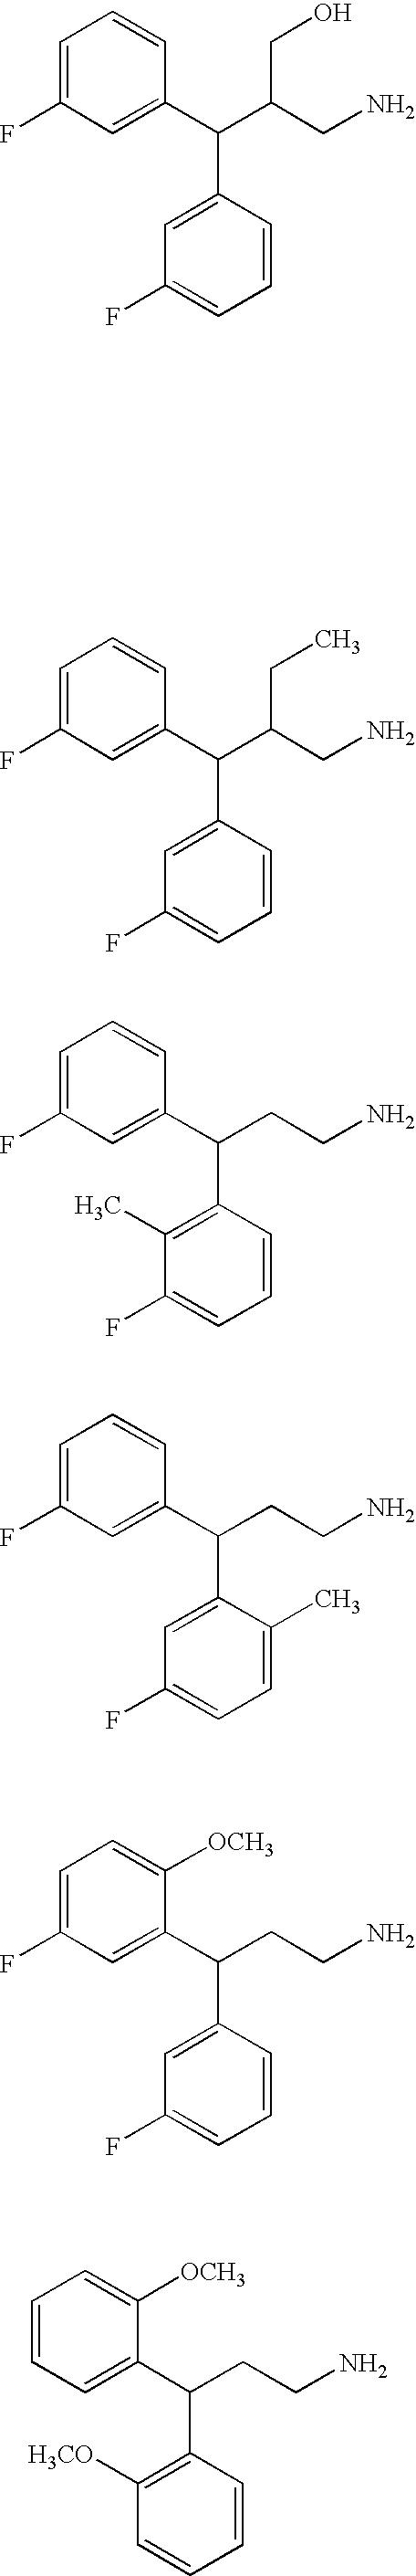 Figure US20050282859A1-20051222-C00043